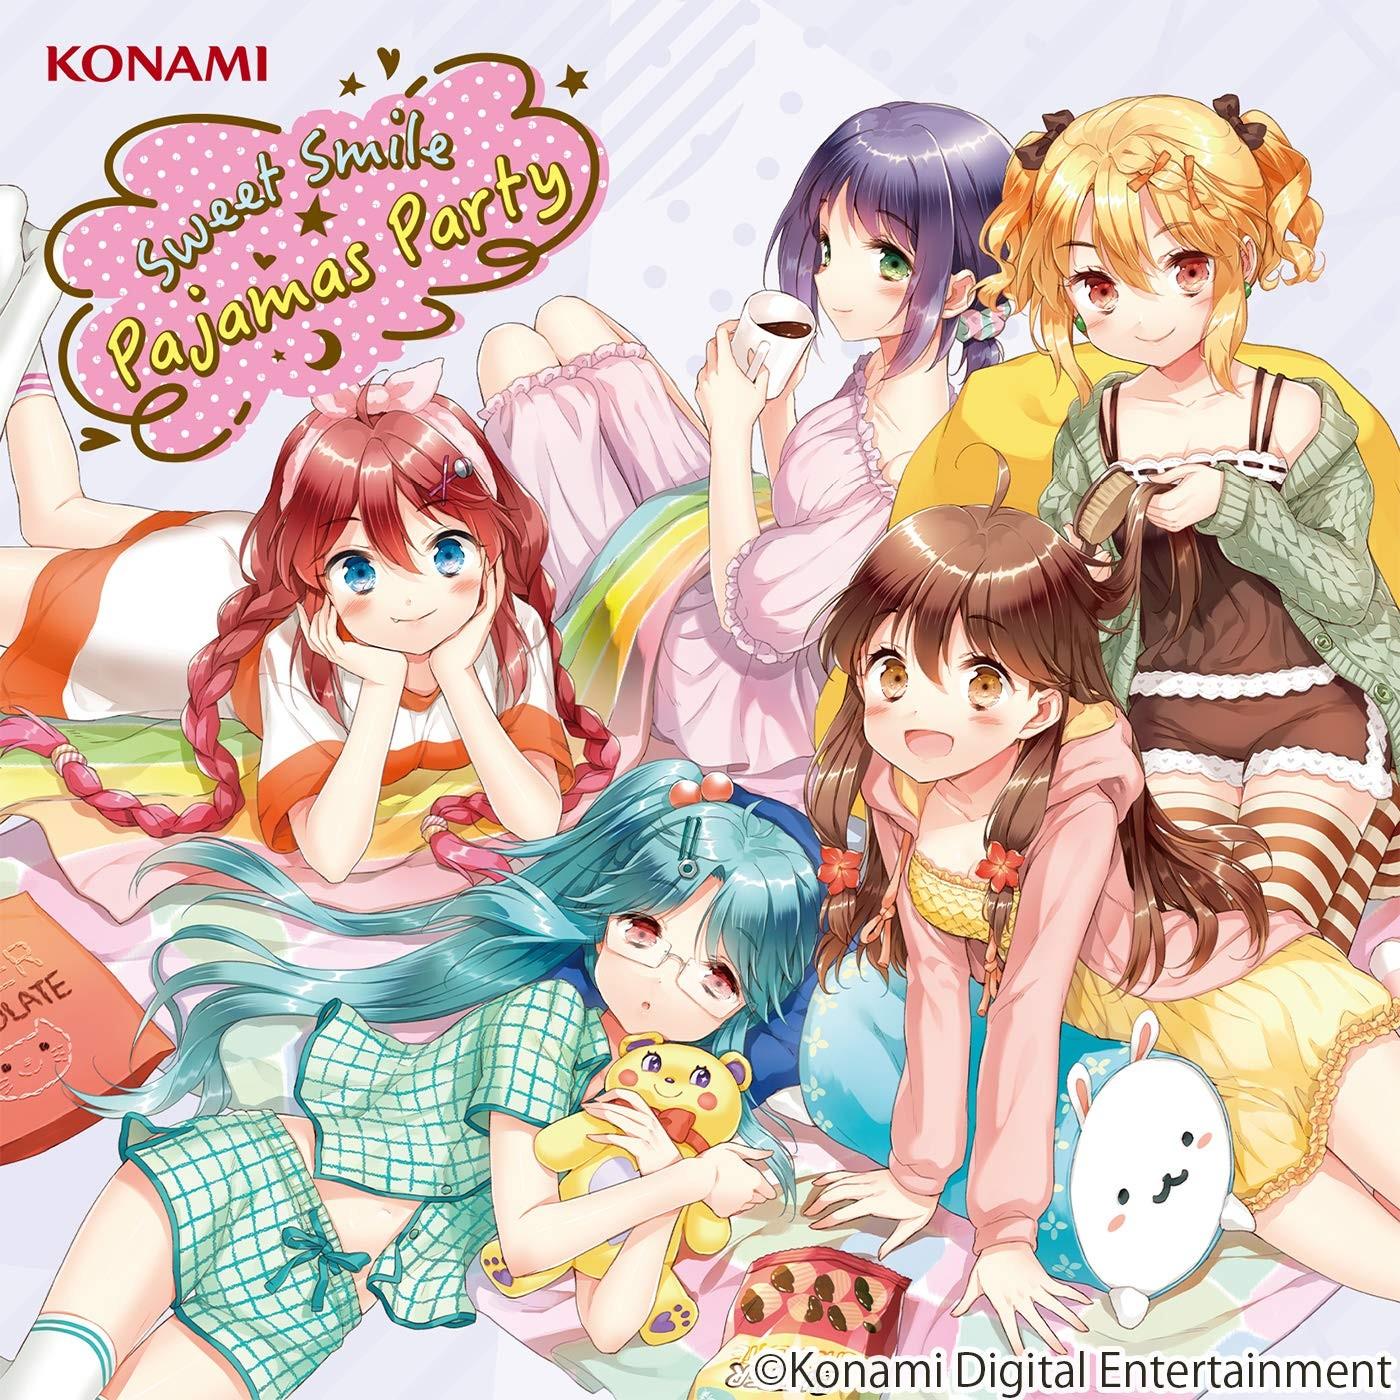 日向美ビタースイーツ♪  – Sweet Smile Pajamas Party [FLAC + MP3 320 / CD] [2019.03.13]